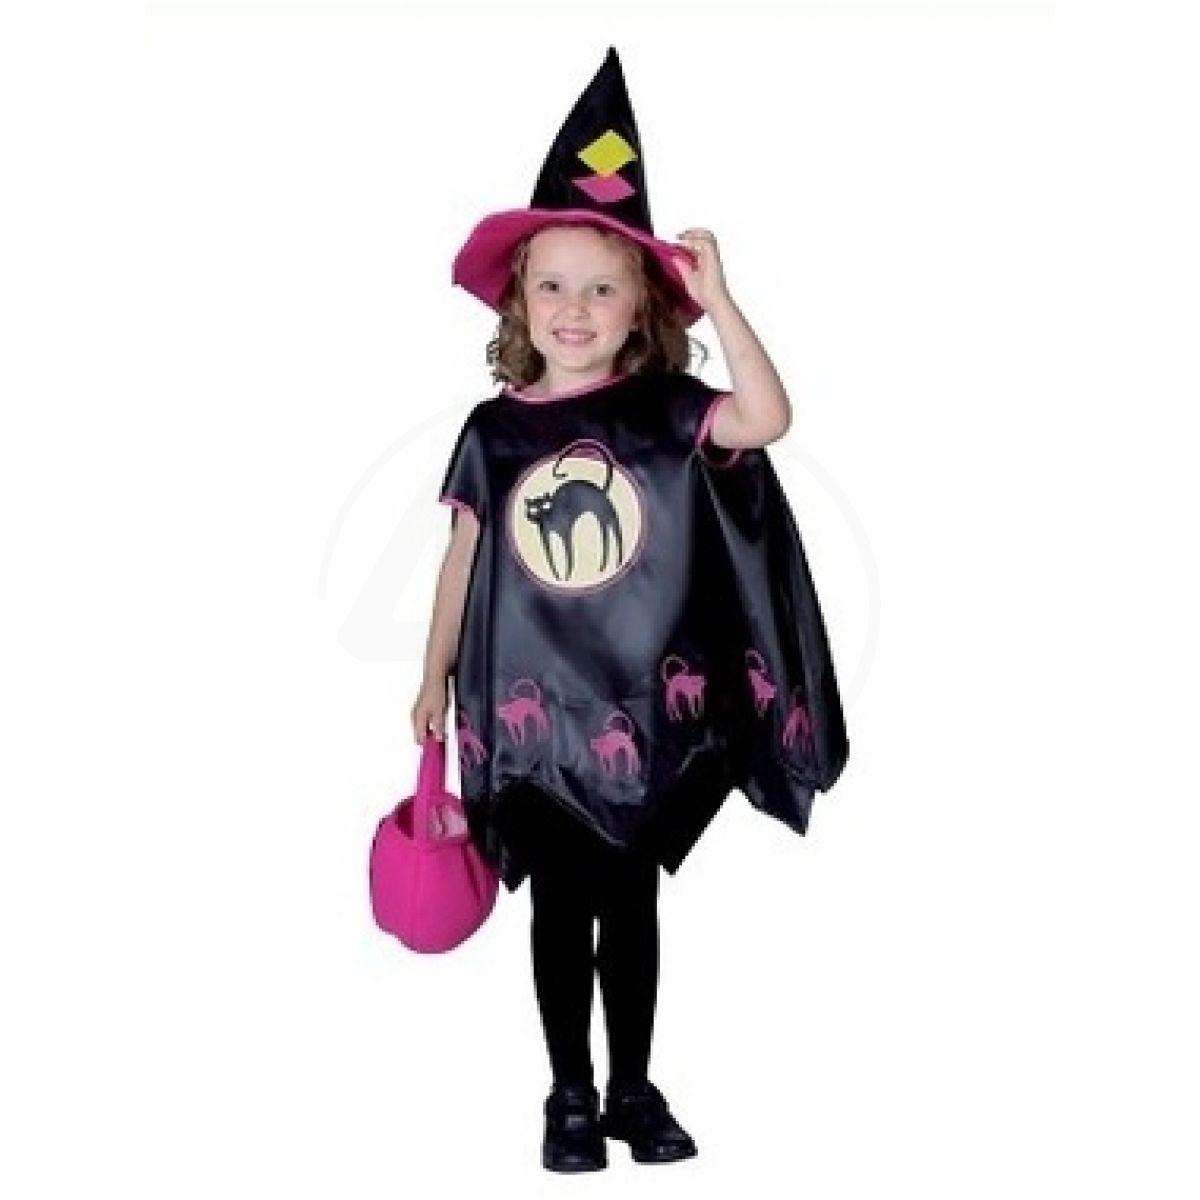 085e933a5ccd Made Dětský kostým Čarodějnice 3-4 roky